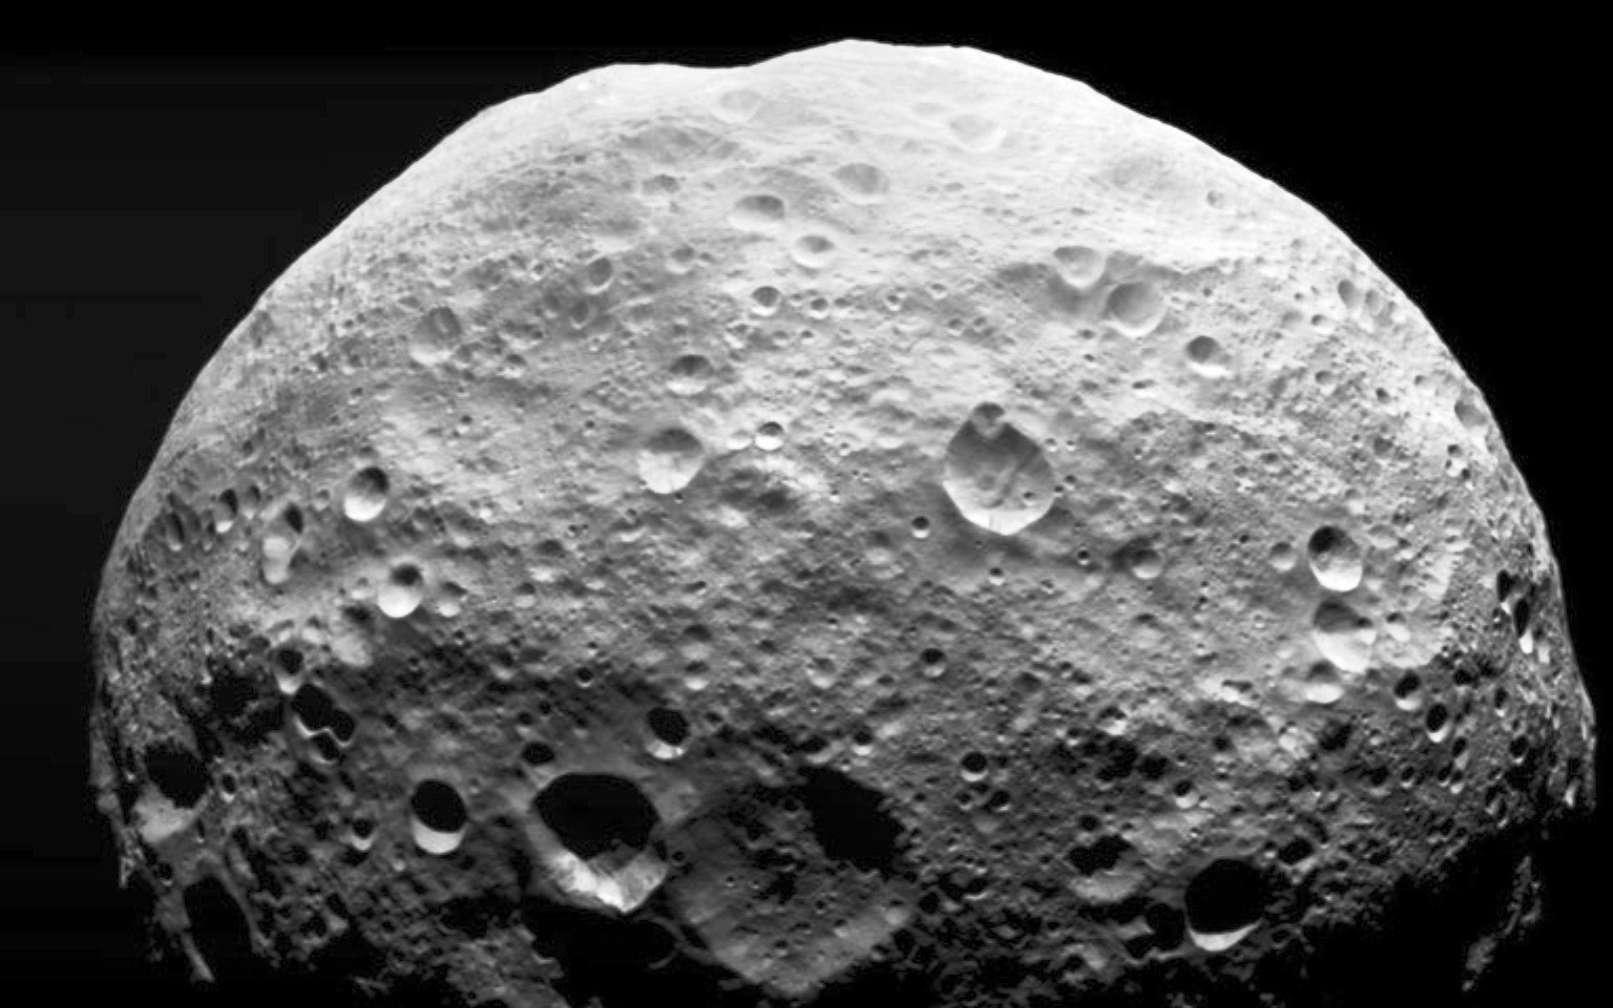 Cette image montre l'astéroïde géant Vesta. © Nasa